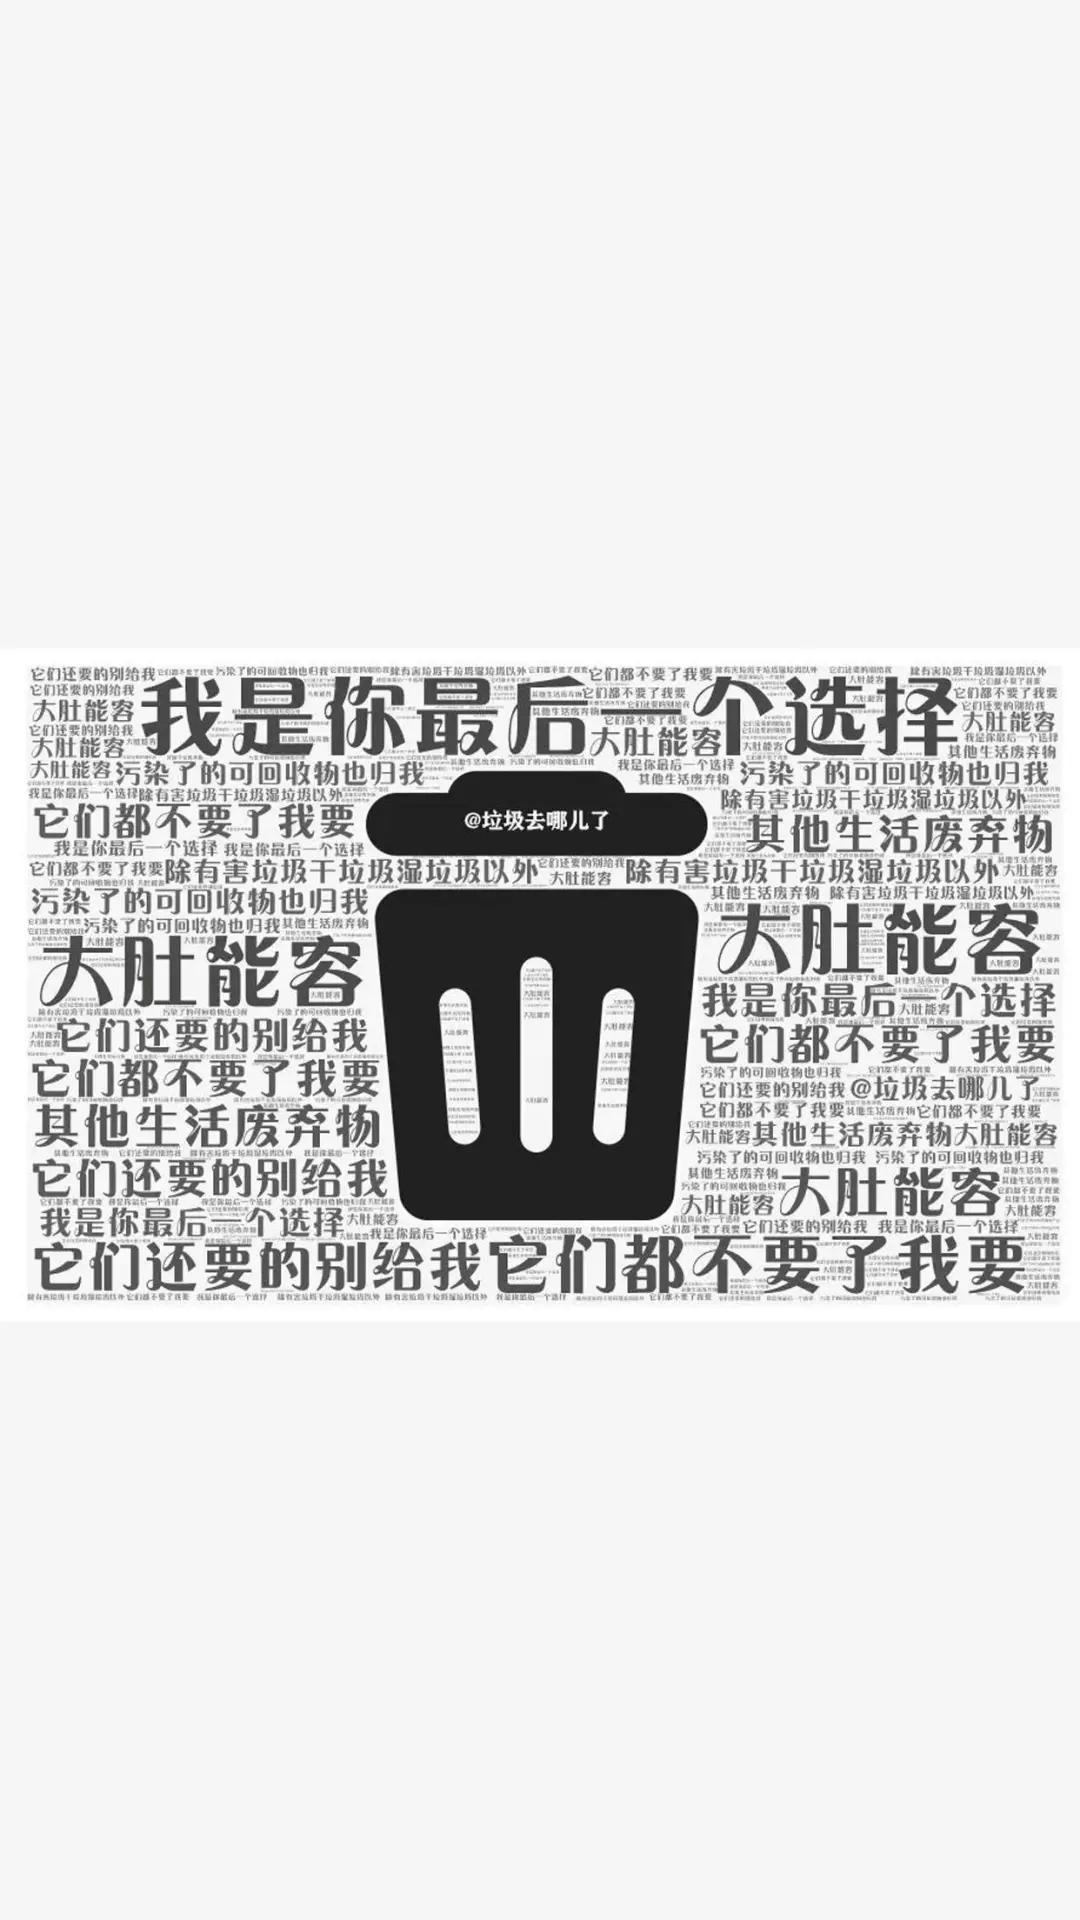 关于垃圾分类的壁纸,你们可能会想要哦。